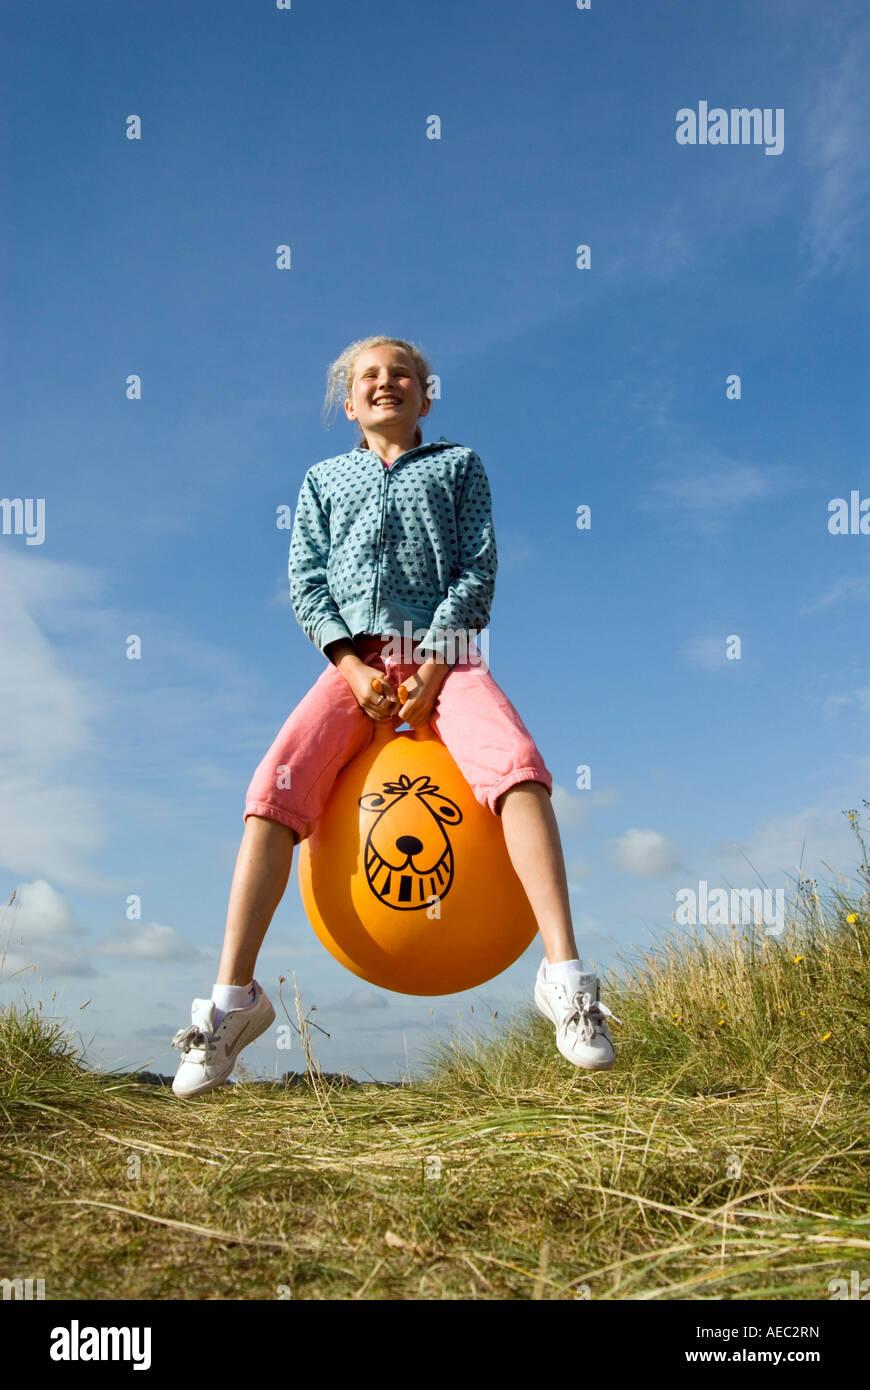 Junges Mädchen hüpfen auf einem Space Hopper, England UK Stockbild